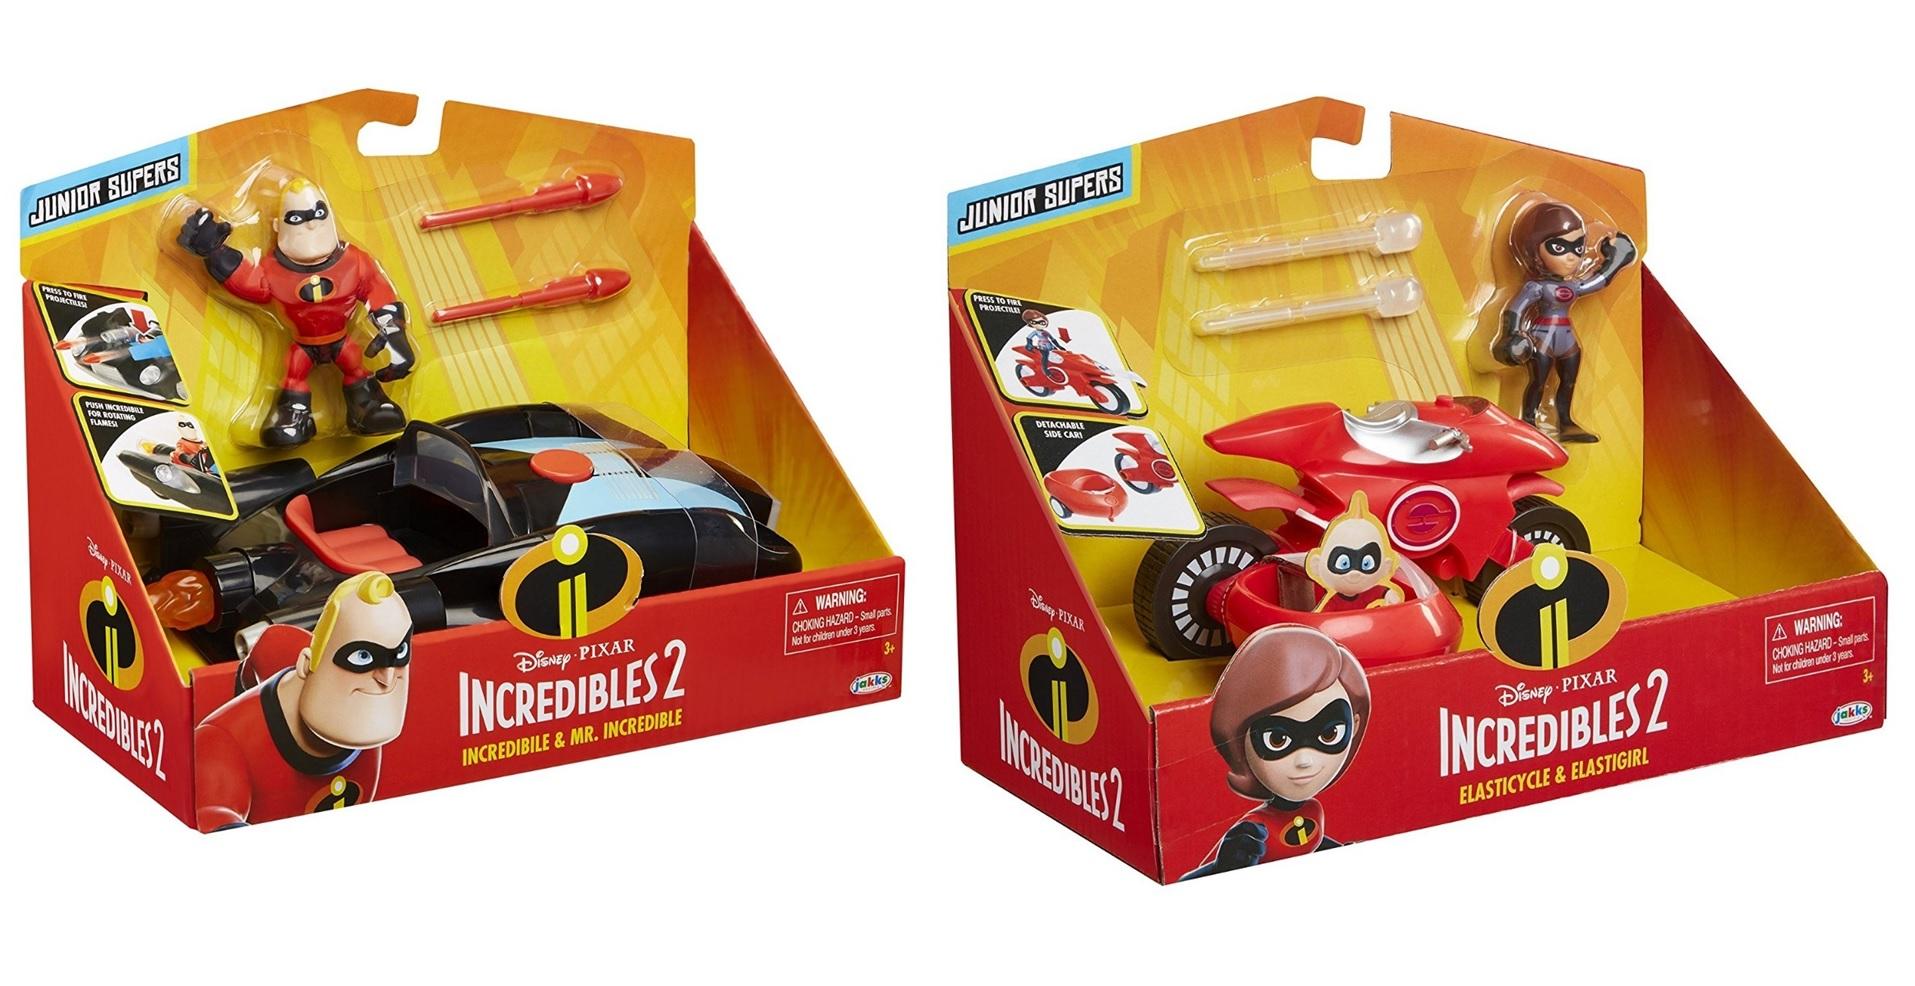 Игровой набор фигурка с машинкой Incredibles 2 в коробке, артикул 76737